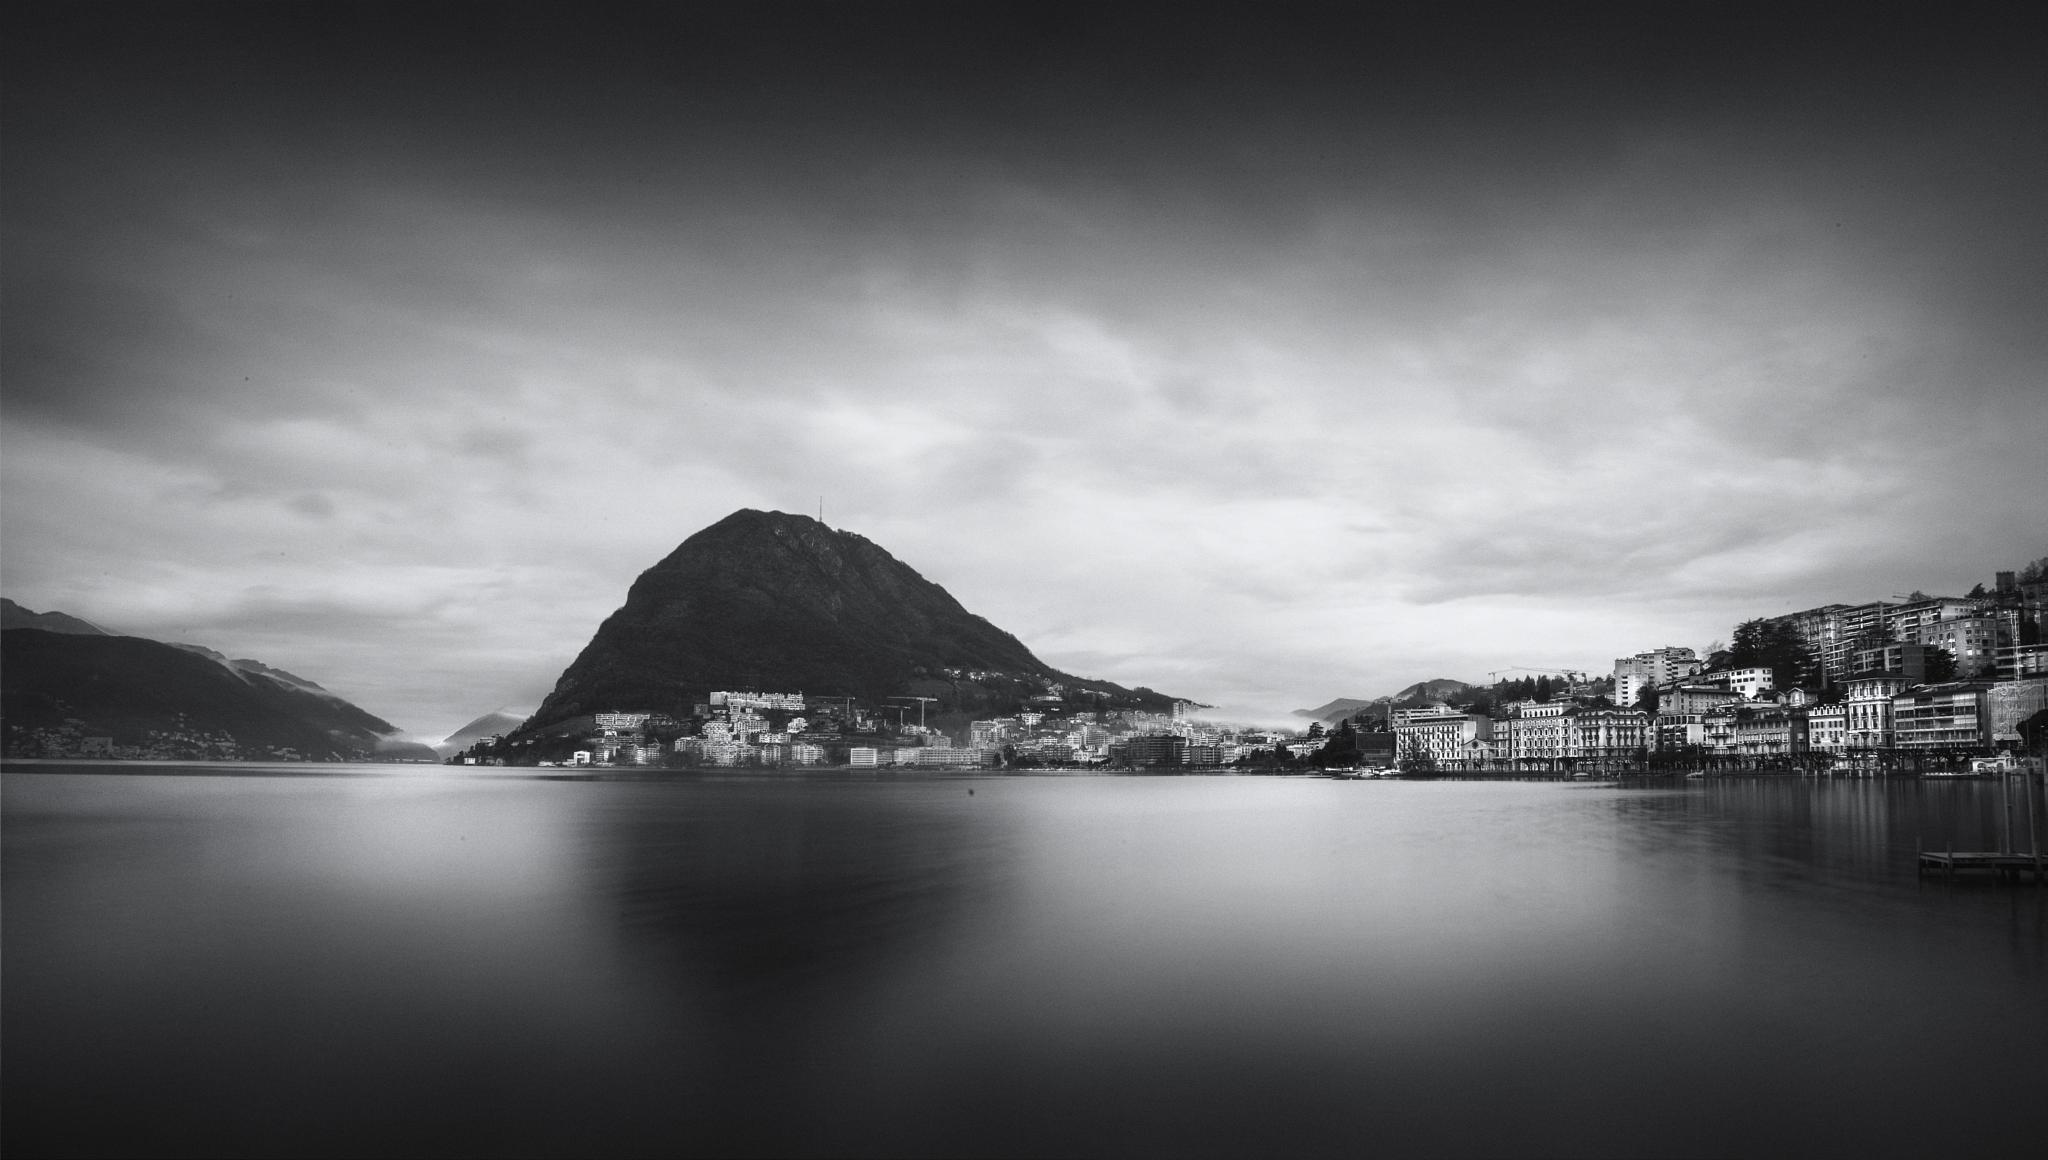 Lago di Lugano by farhado